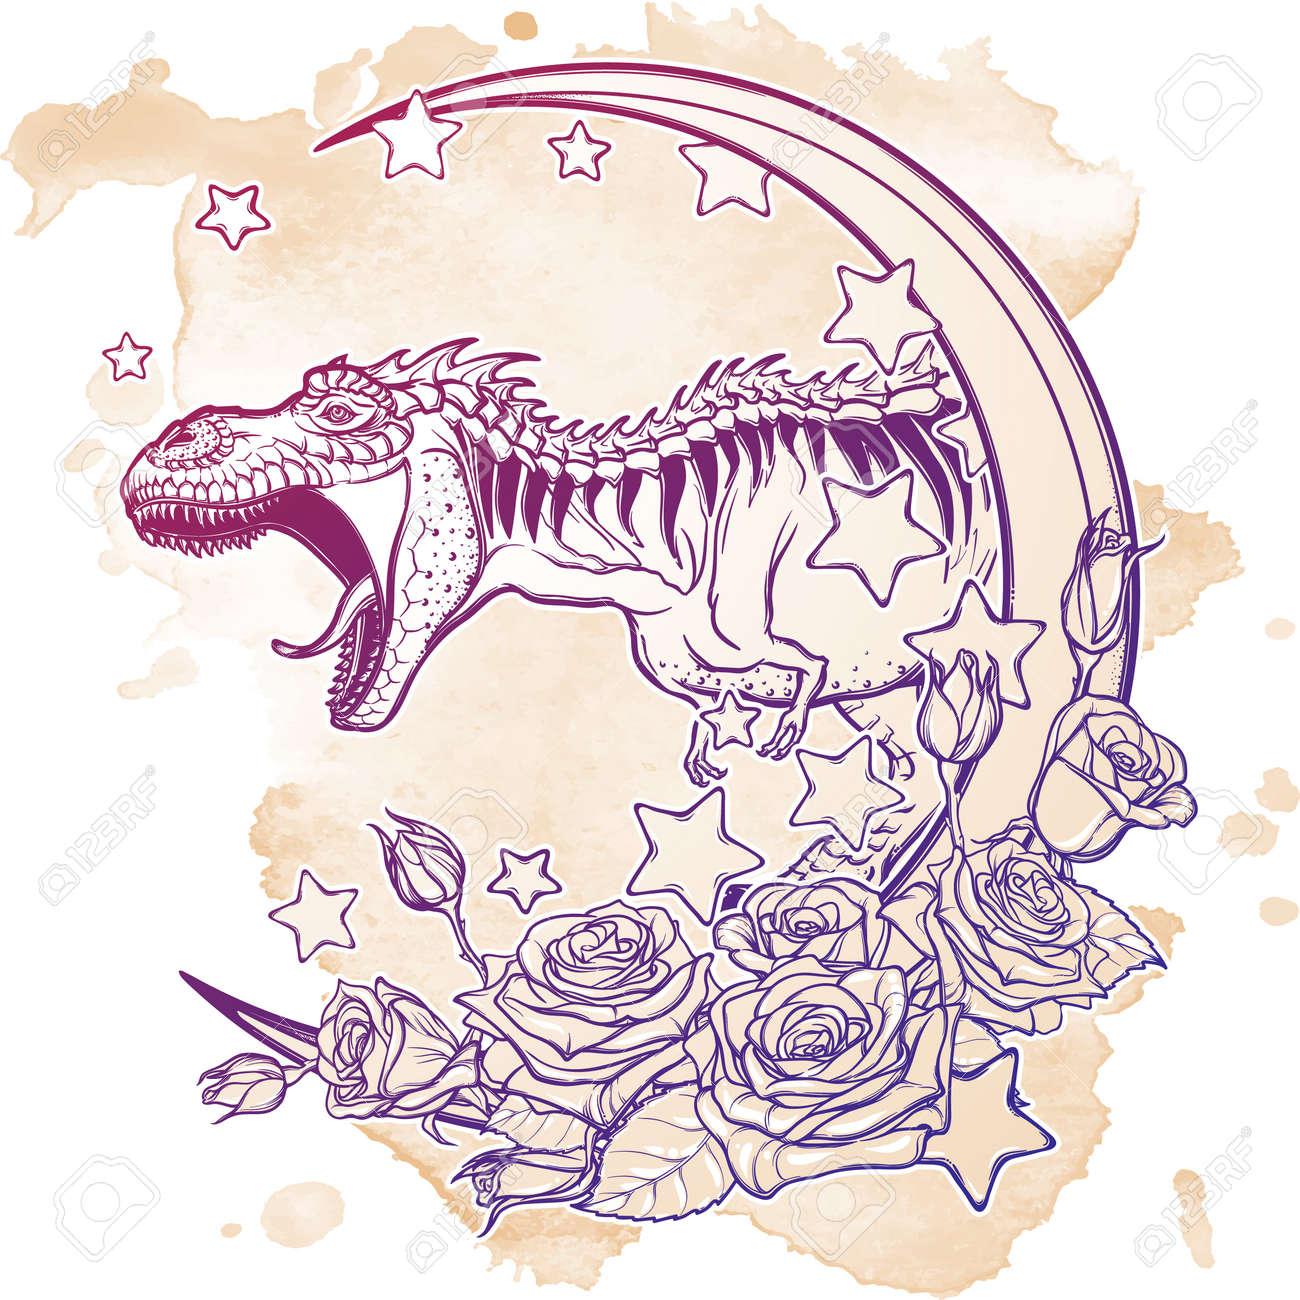 Croquis Detaille Du Dessin Du Tyrannosaure Rugissant Sur Le Cadre De